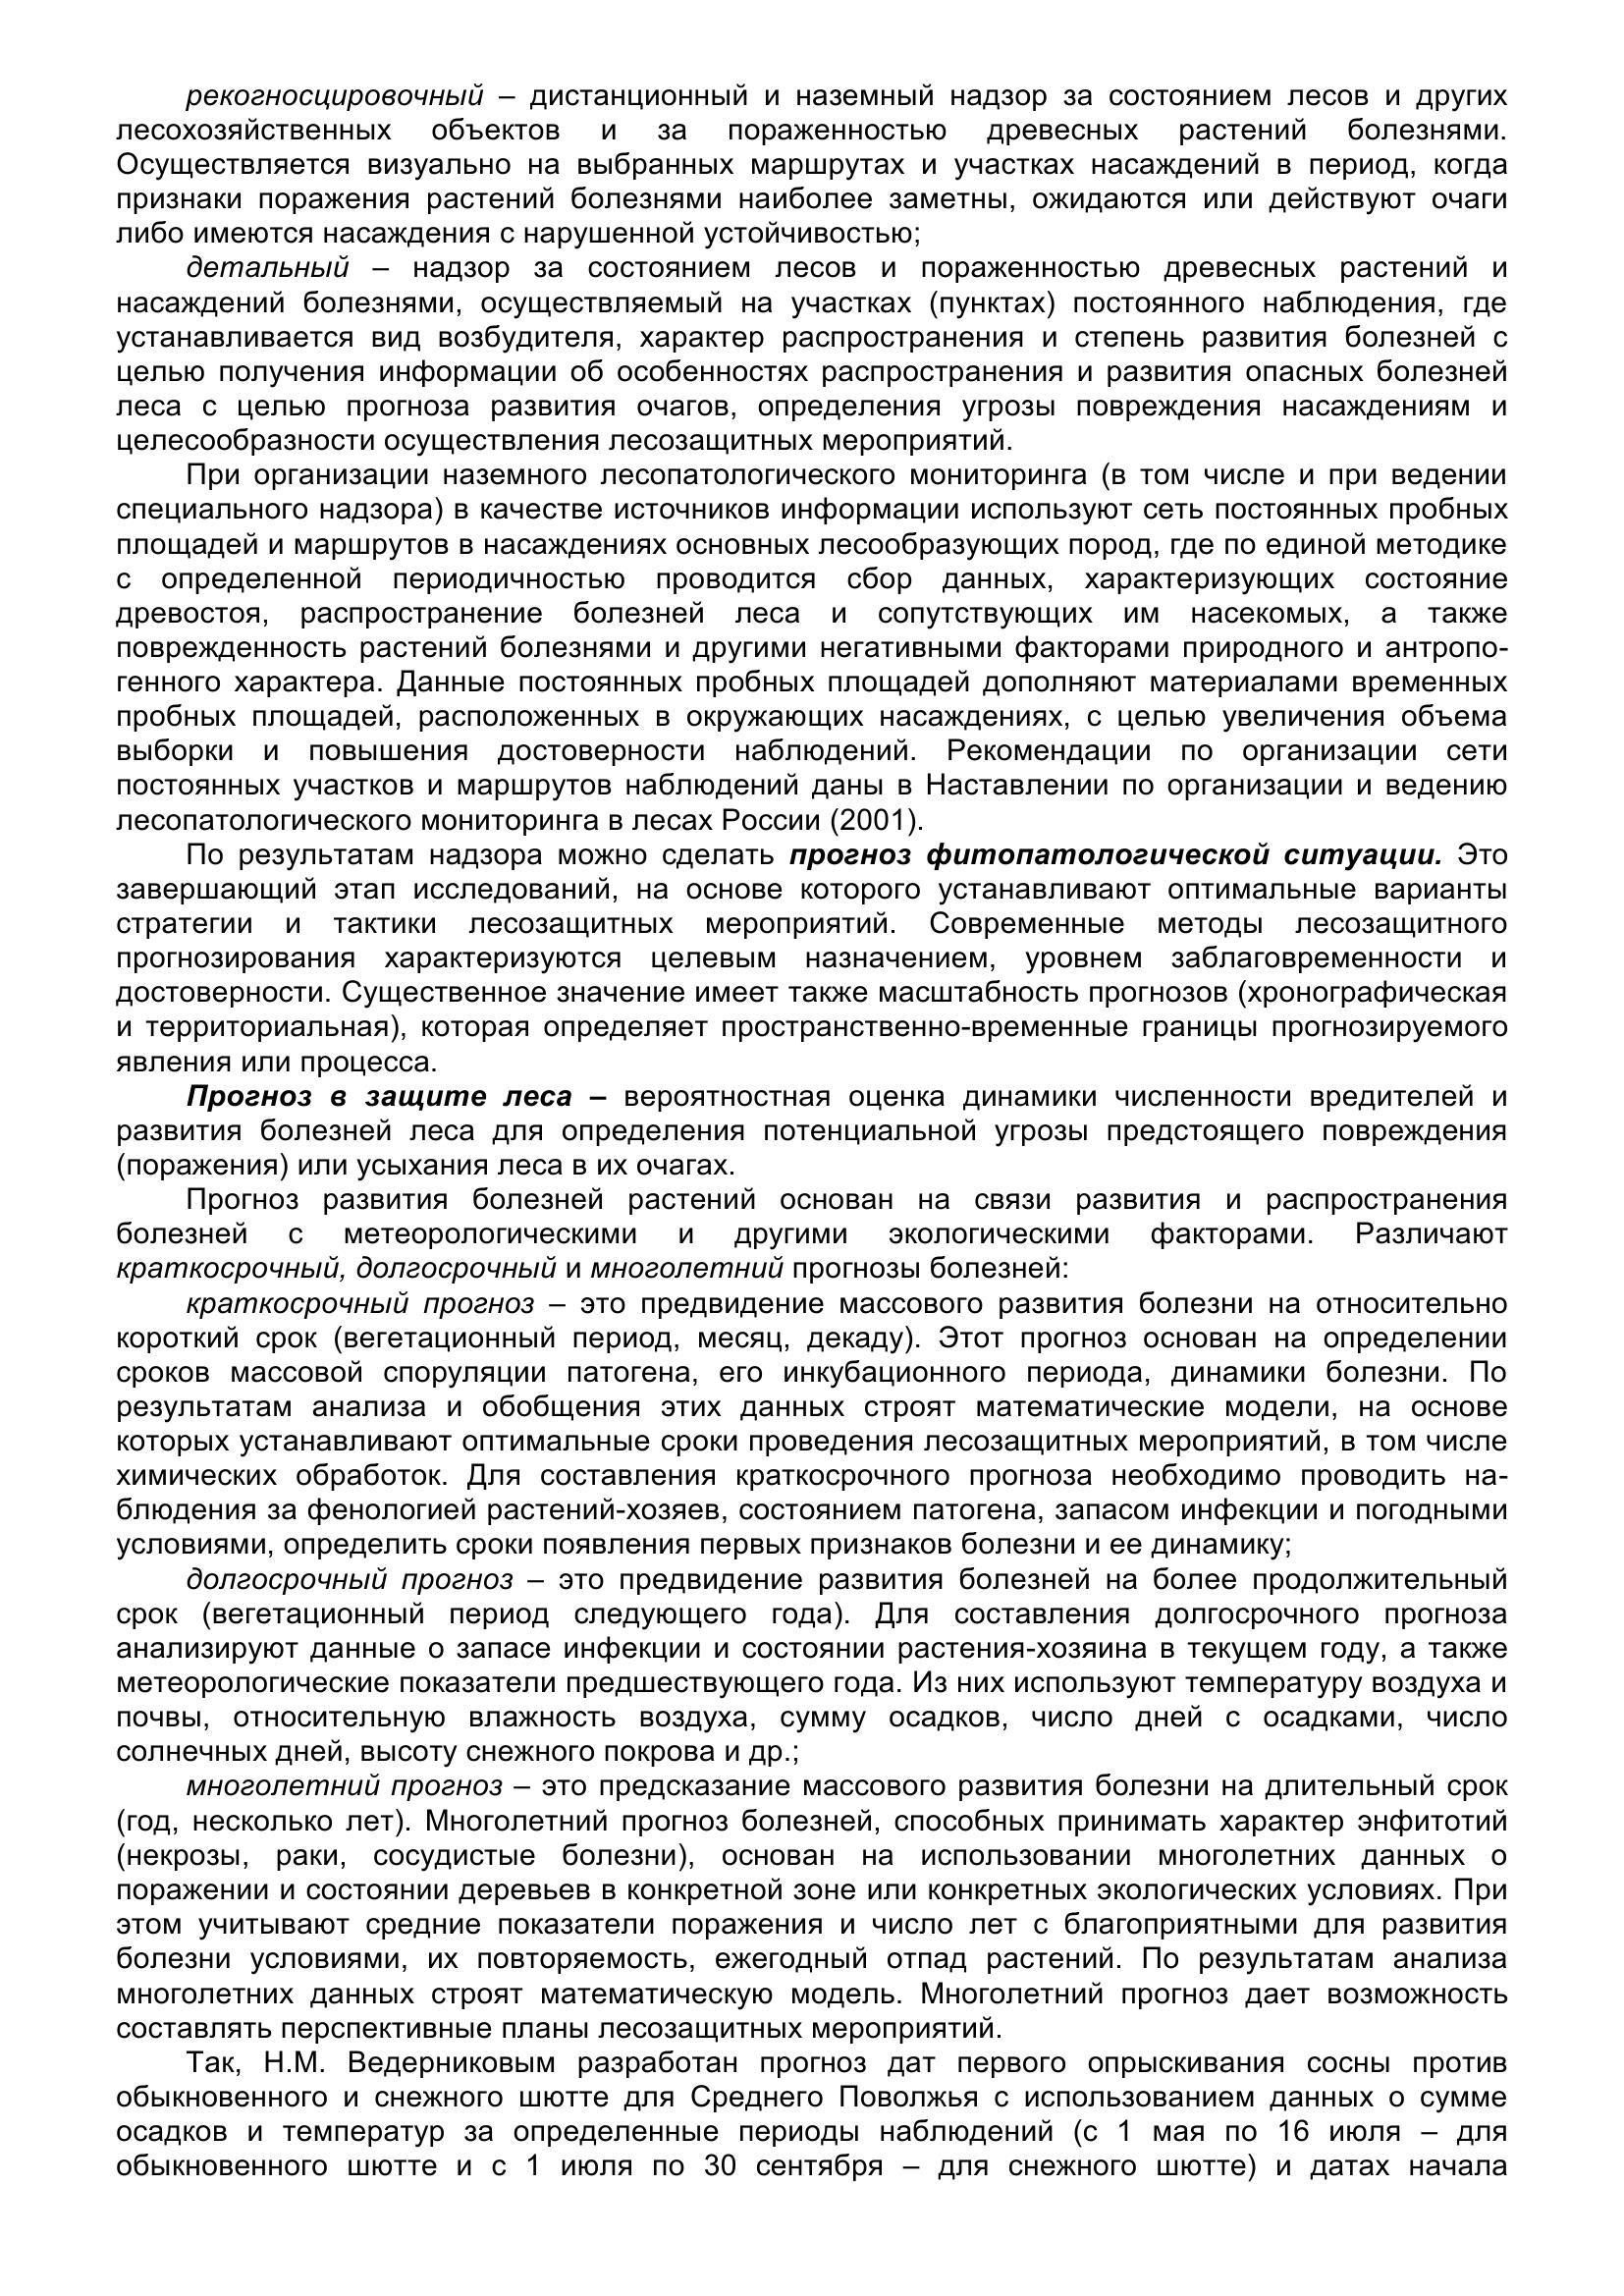 Болезни_древесных_растений_009.jpg